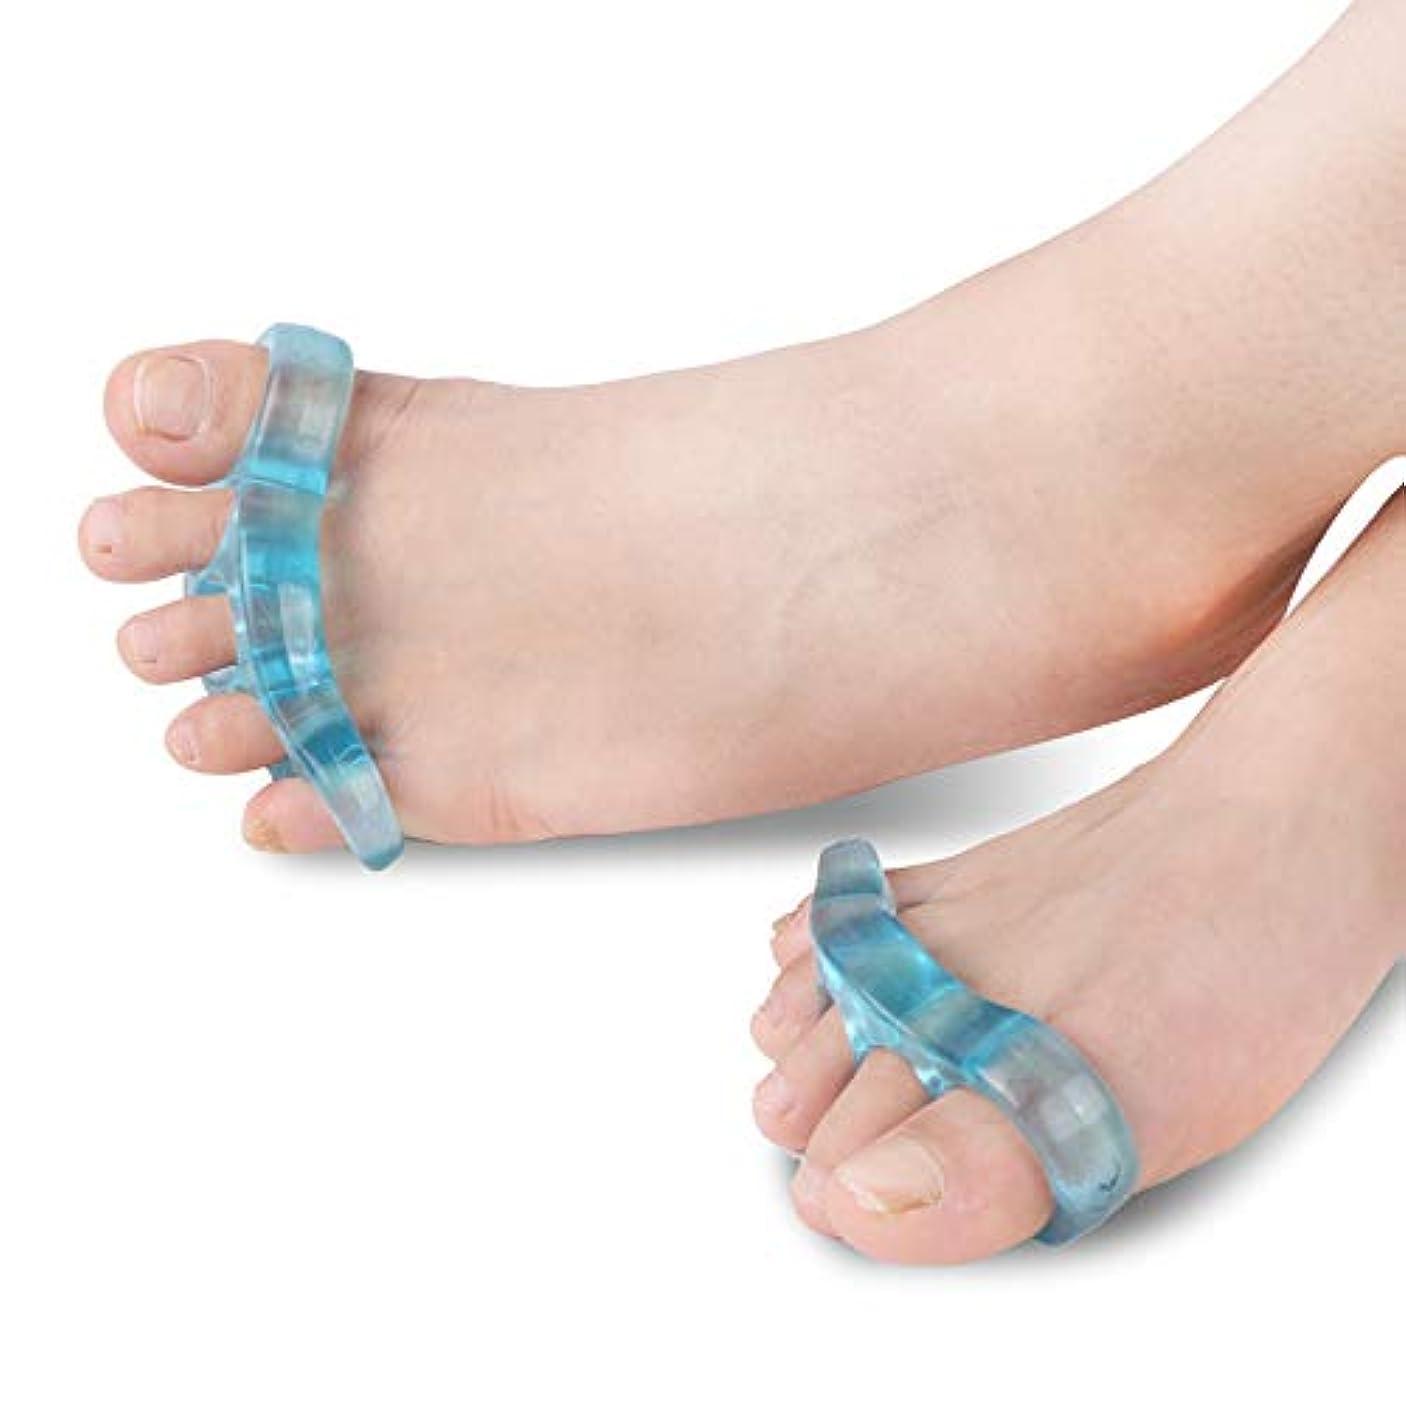 少ないとんでもない健康つま先セパレーター5穴つま先反曲がり変形補正はヨガと運動後の痛みを和らげるために外反母趾スリッパを防ぎます,L